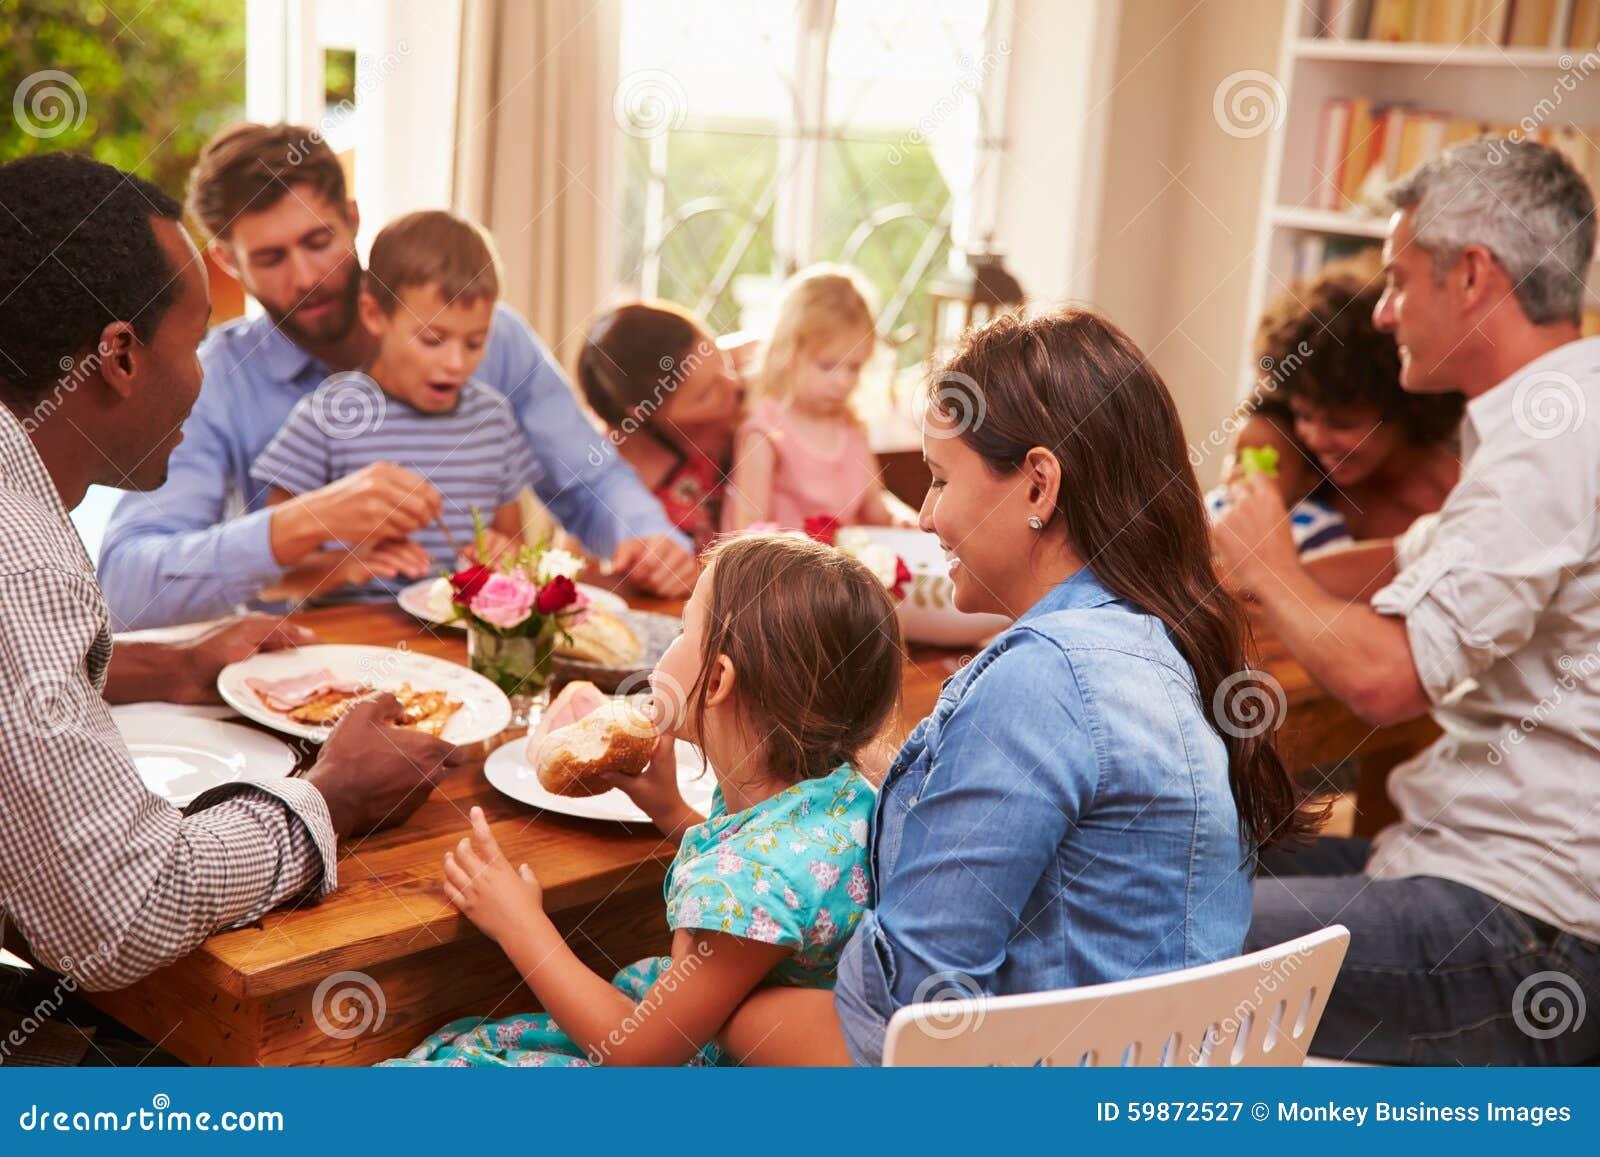 Familj och vänner som sitter på en äta middag tabell